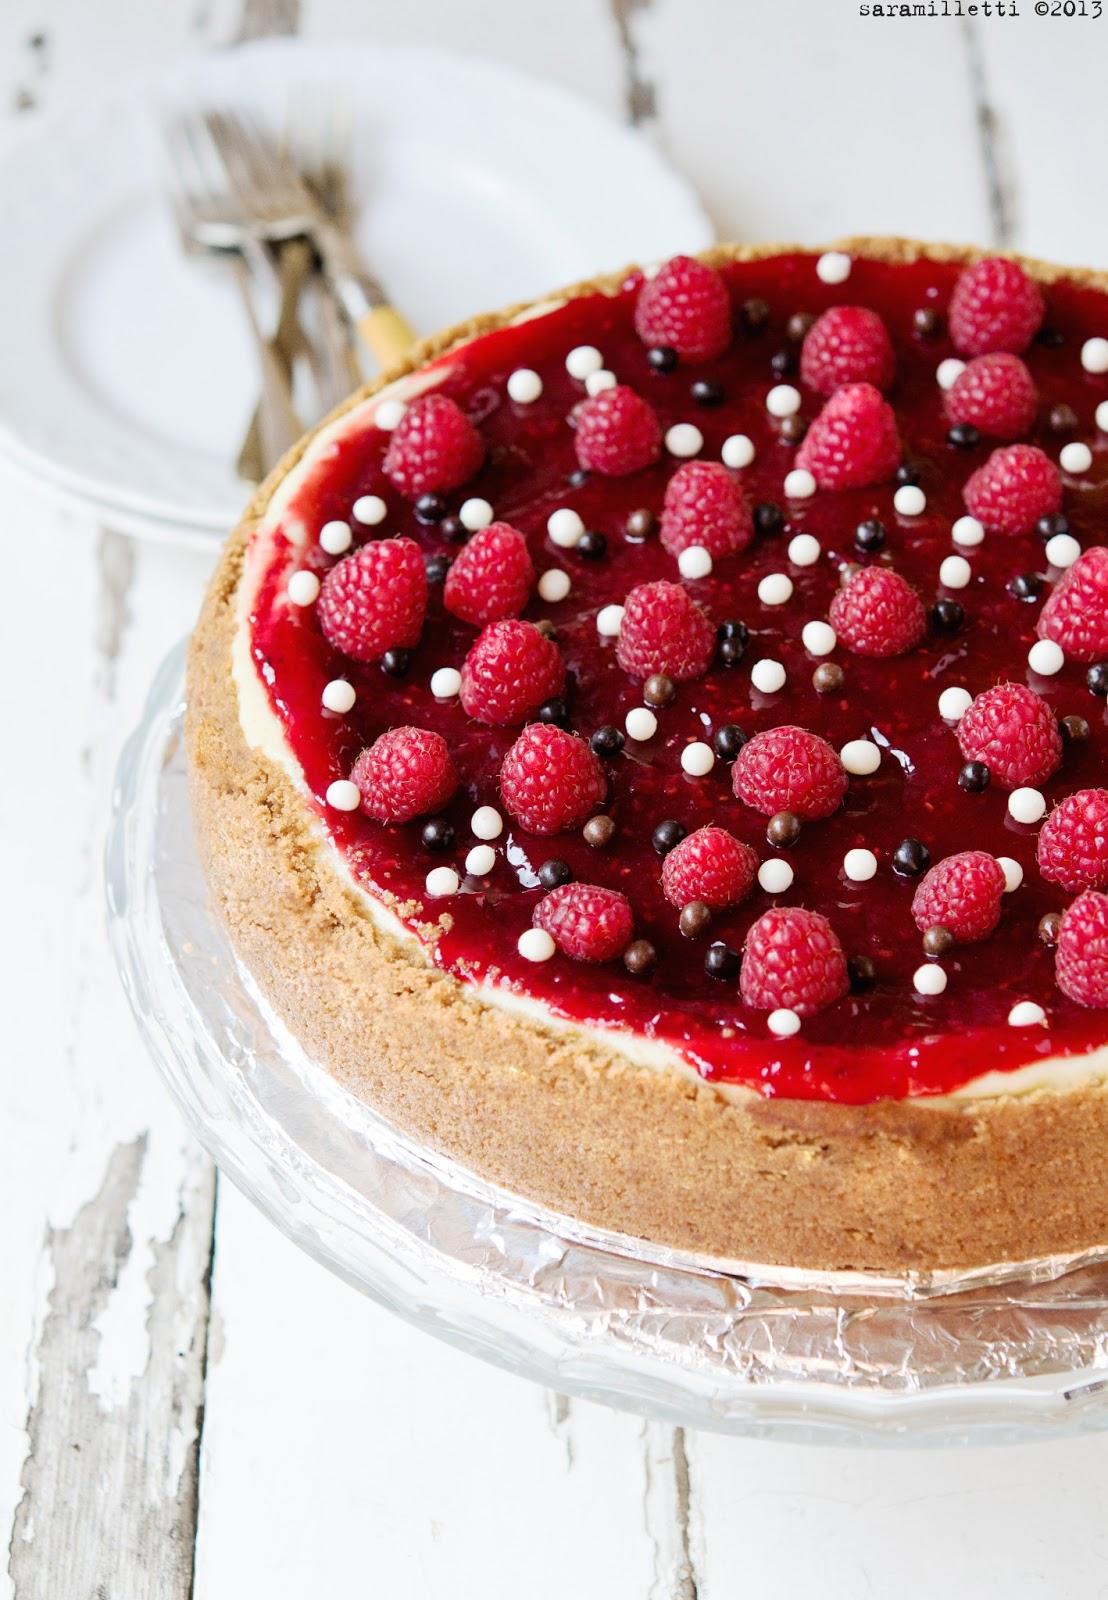 happybirthday anna the original new york cheesecake recipe l 39 appetito vien leggendo. Black Bedroom Furniture Sets. Home Design Ideas